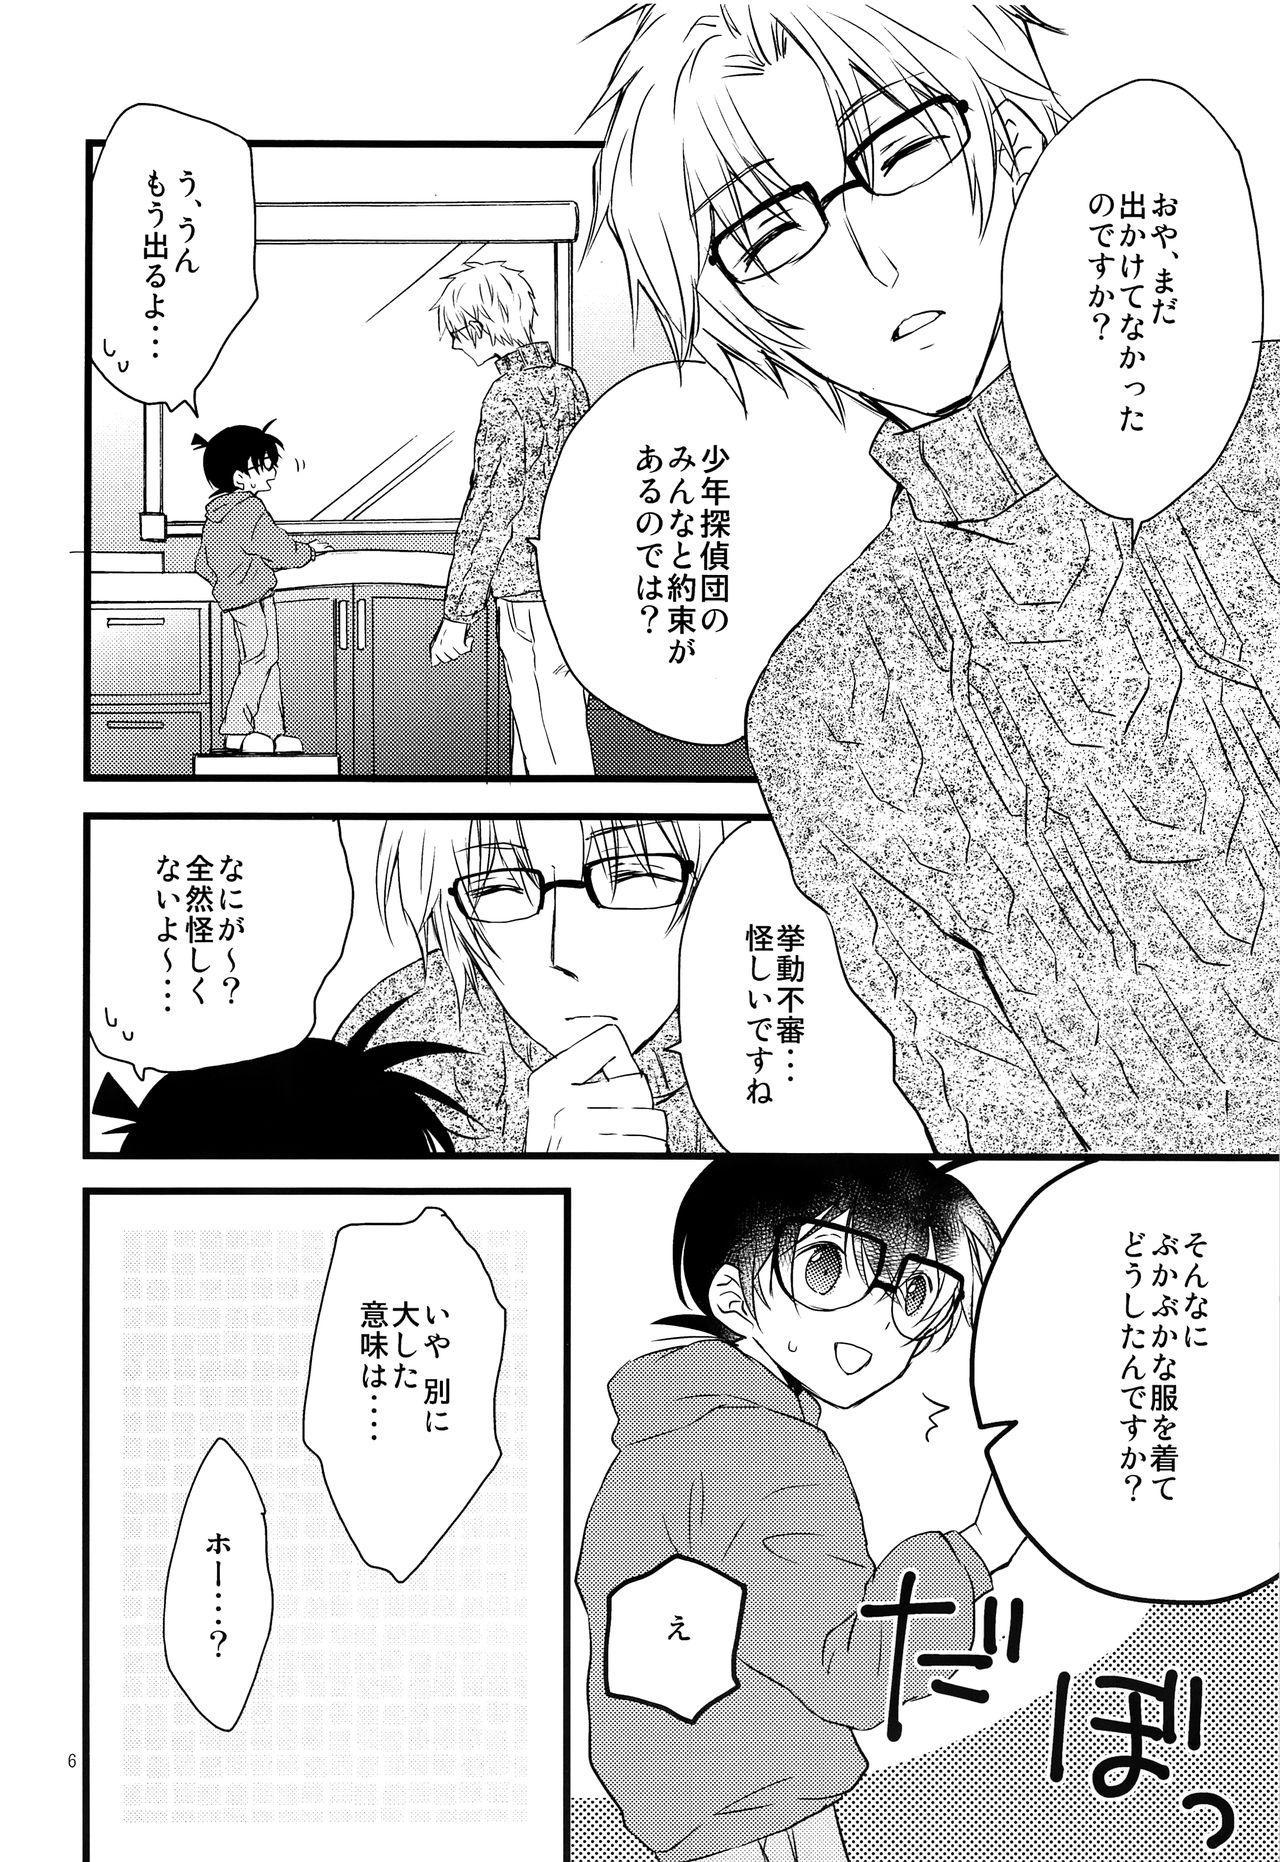 Conan-kun ga Chikubi Kaihatsu Sarechau Hon 4